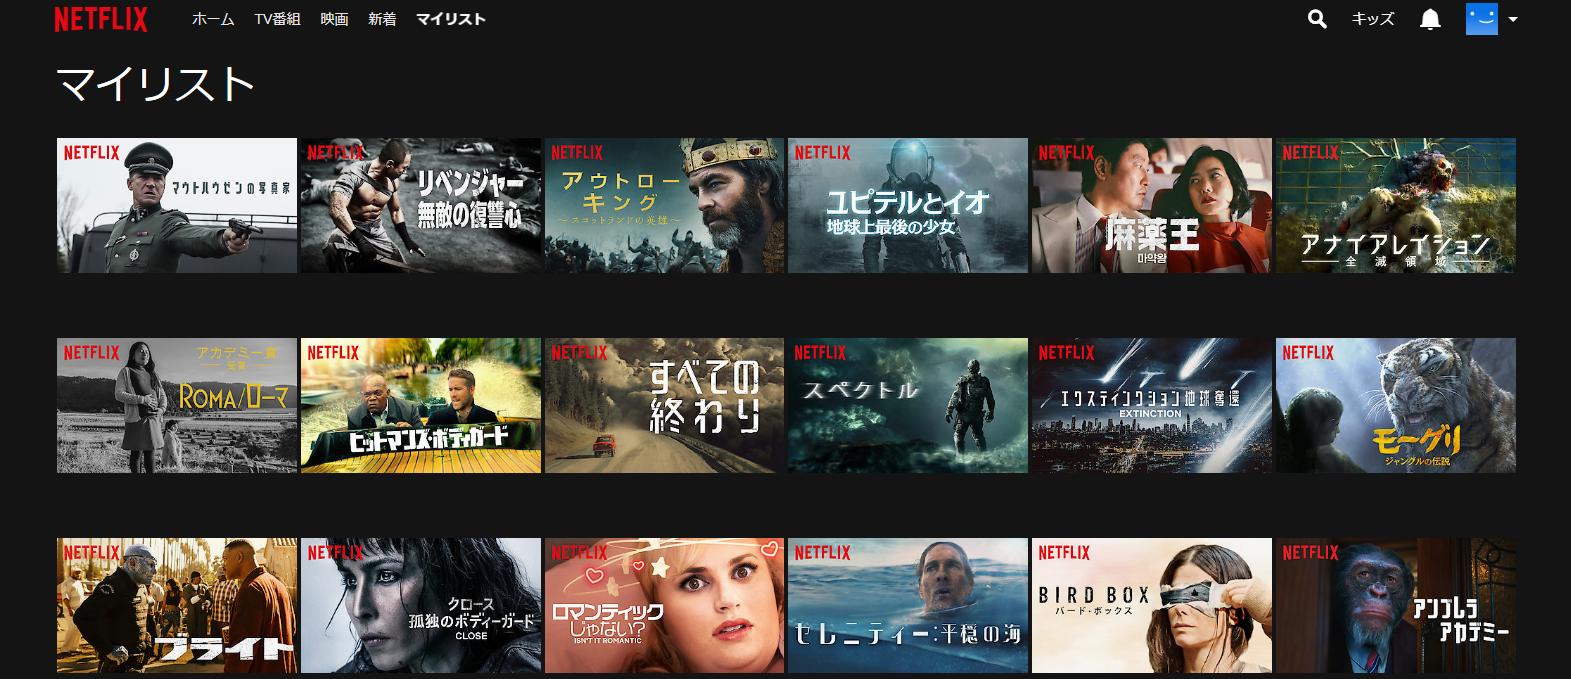 Netflix(オリジナル映画)